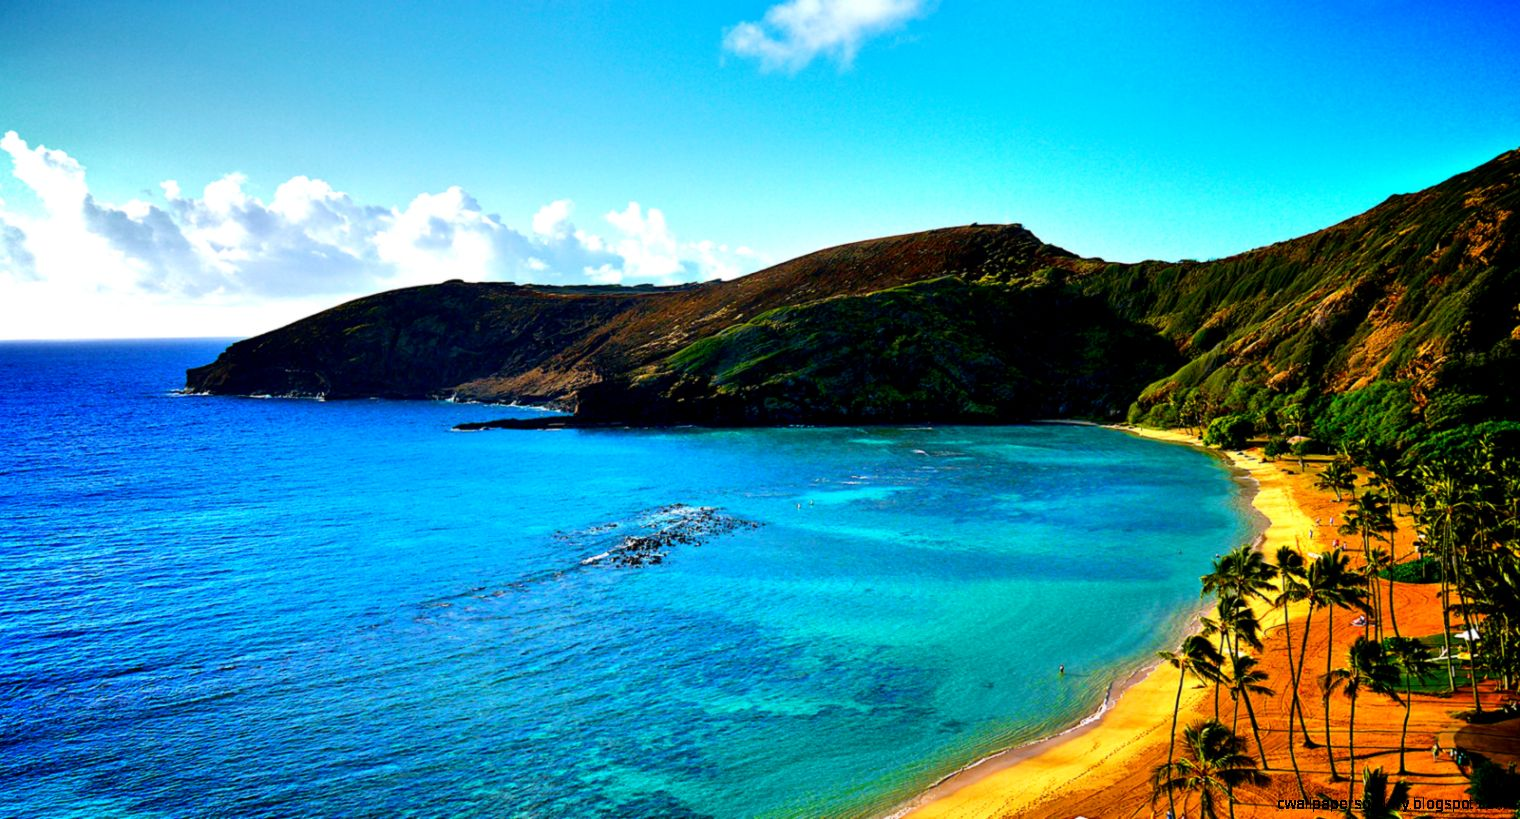 hawaii wallpaper